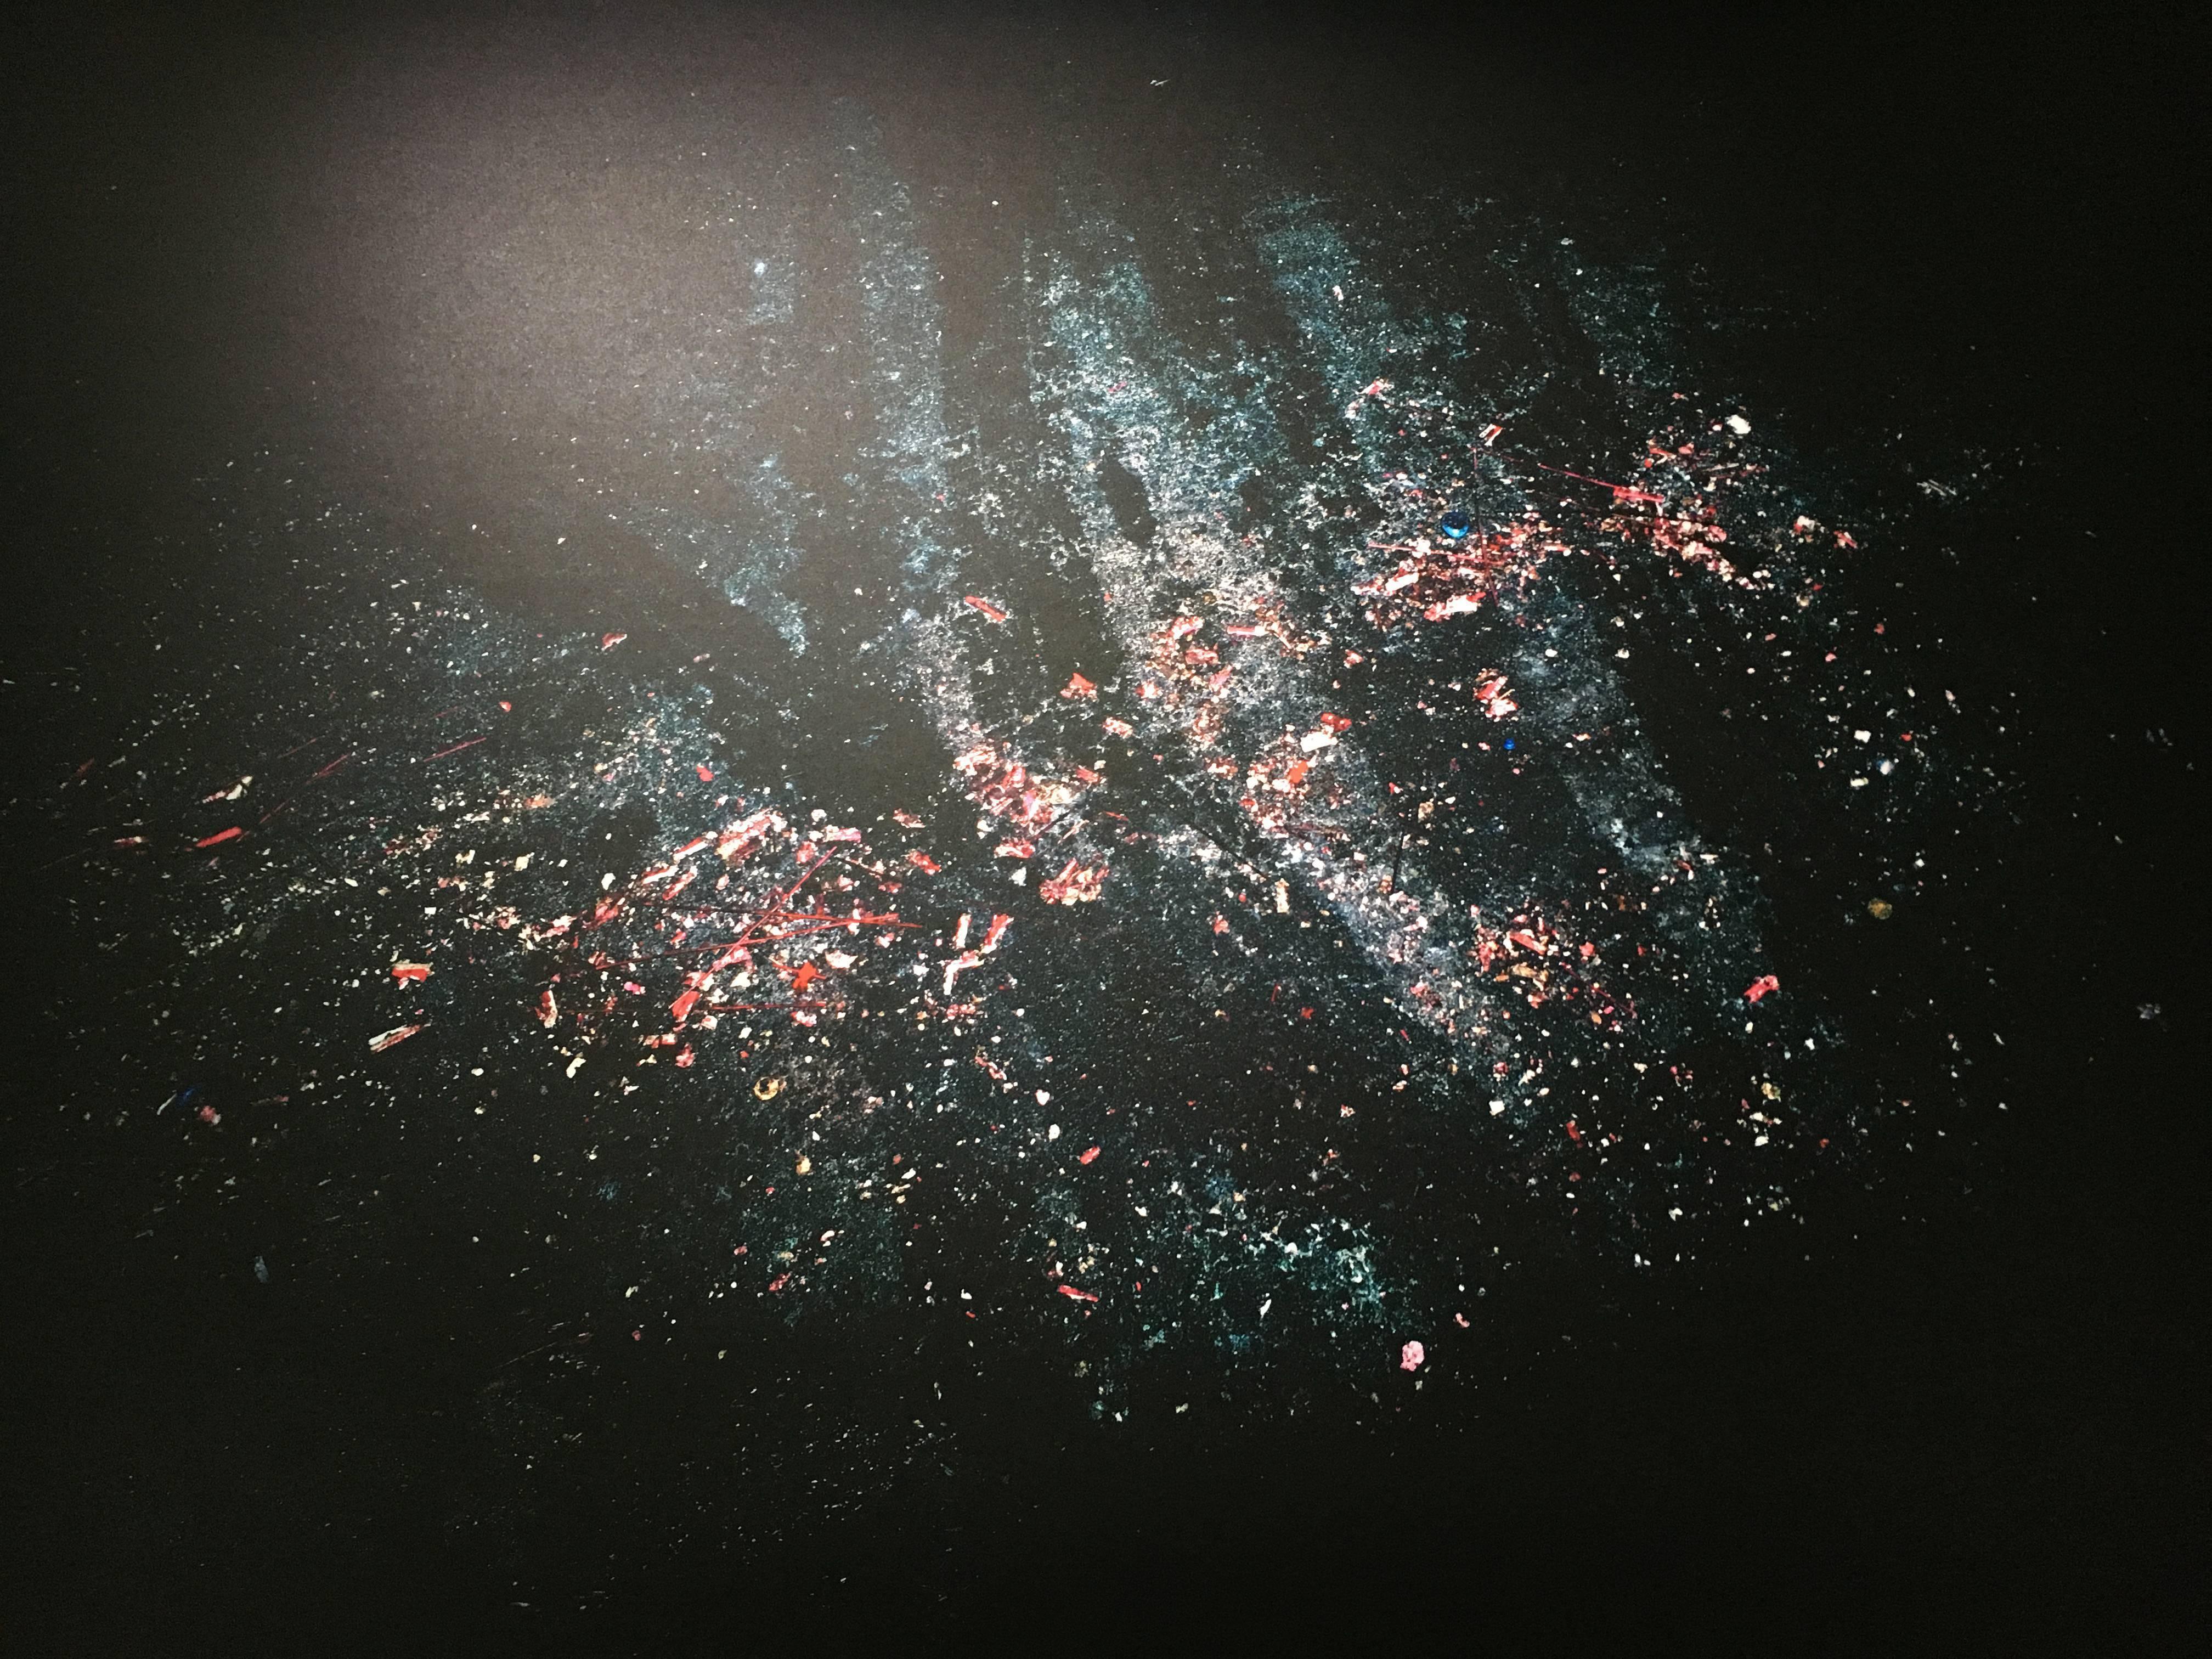 陳伯義,《食砲人 - XXII》細節,122 x 98 cm,雷射輸出彩色銀鹽相紙,1/8,2012。